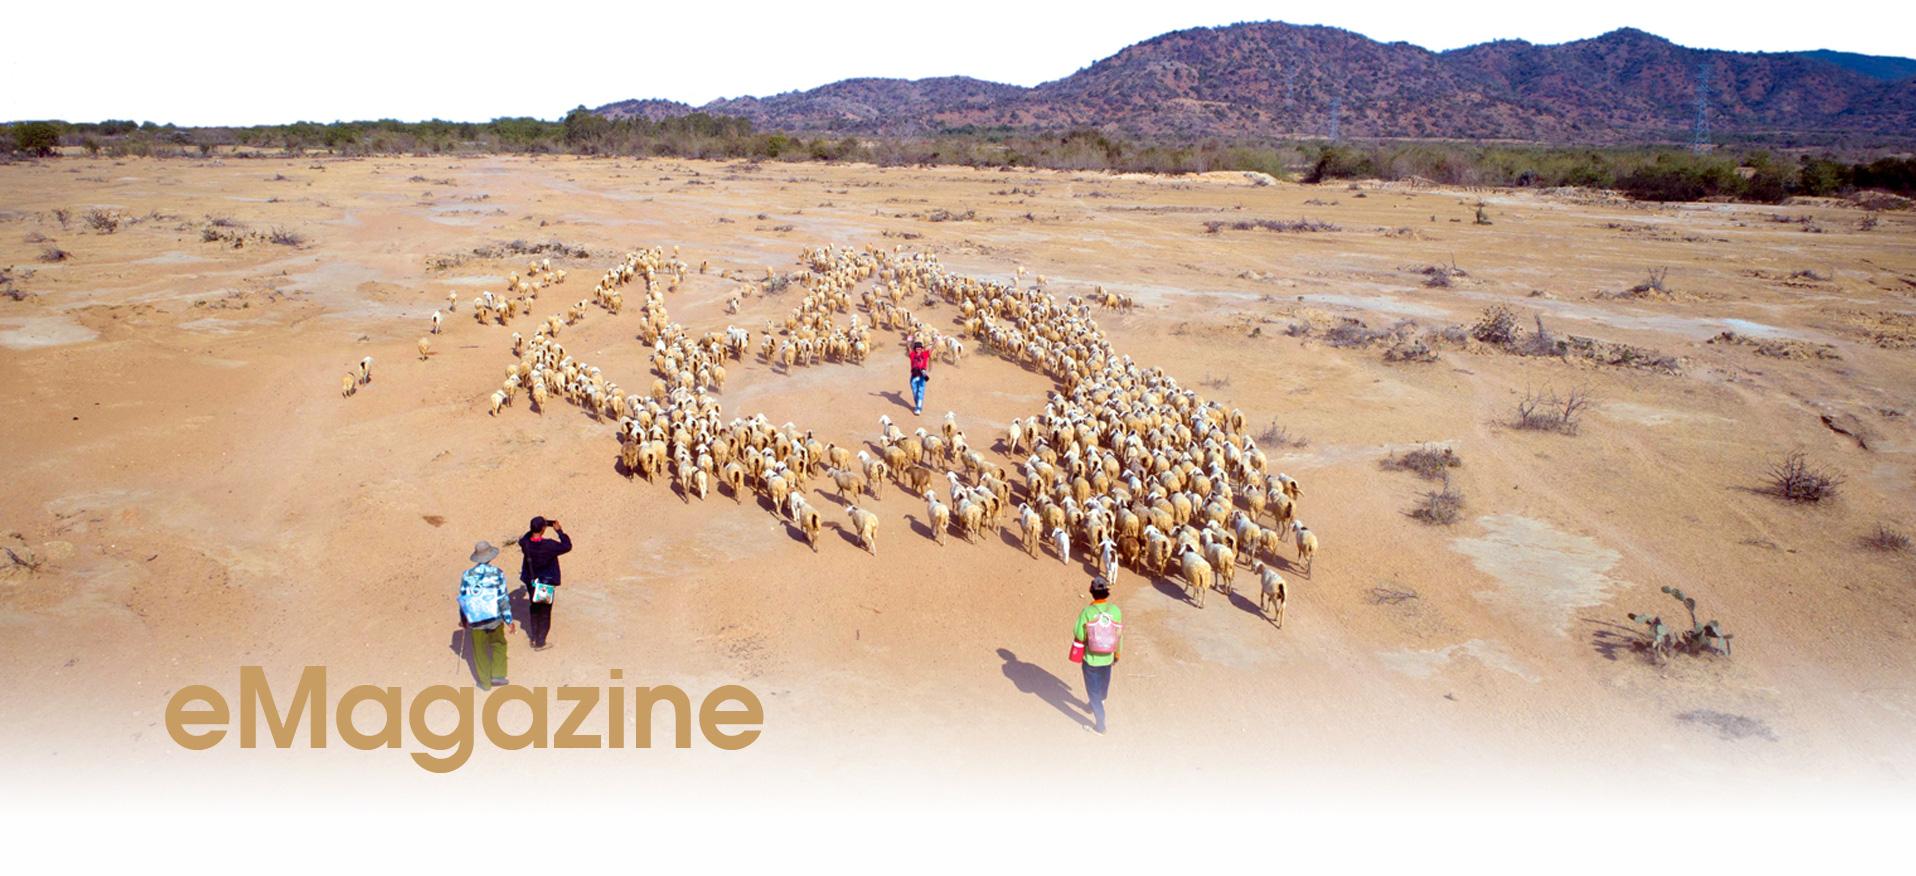 Nhiều tỉnh đã nuôi được cừu, nhưng nuôi bán thịt thì chỉ có tỉnh nào? - Ảnh 15.